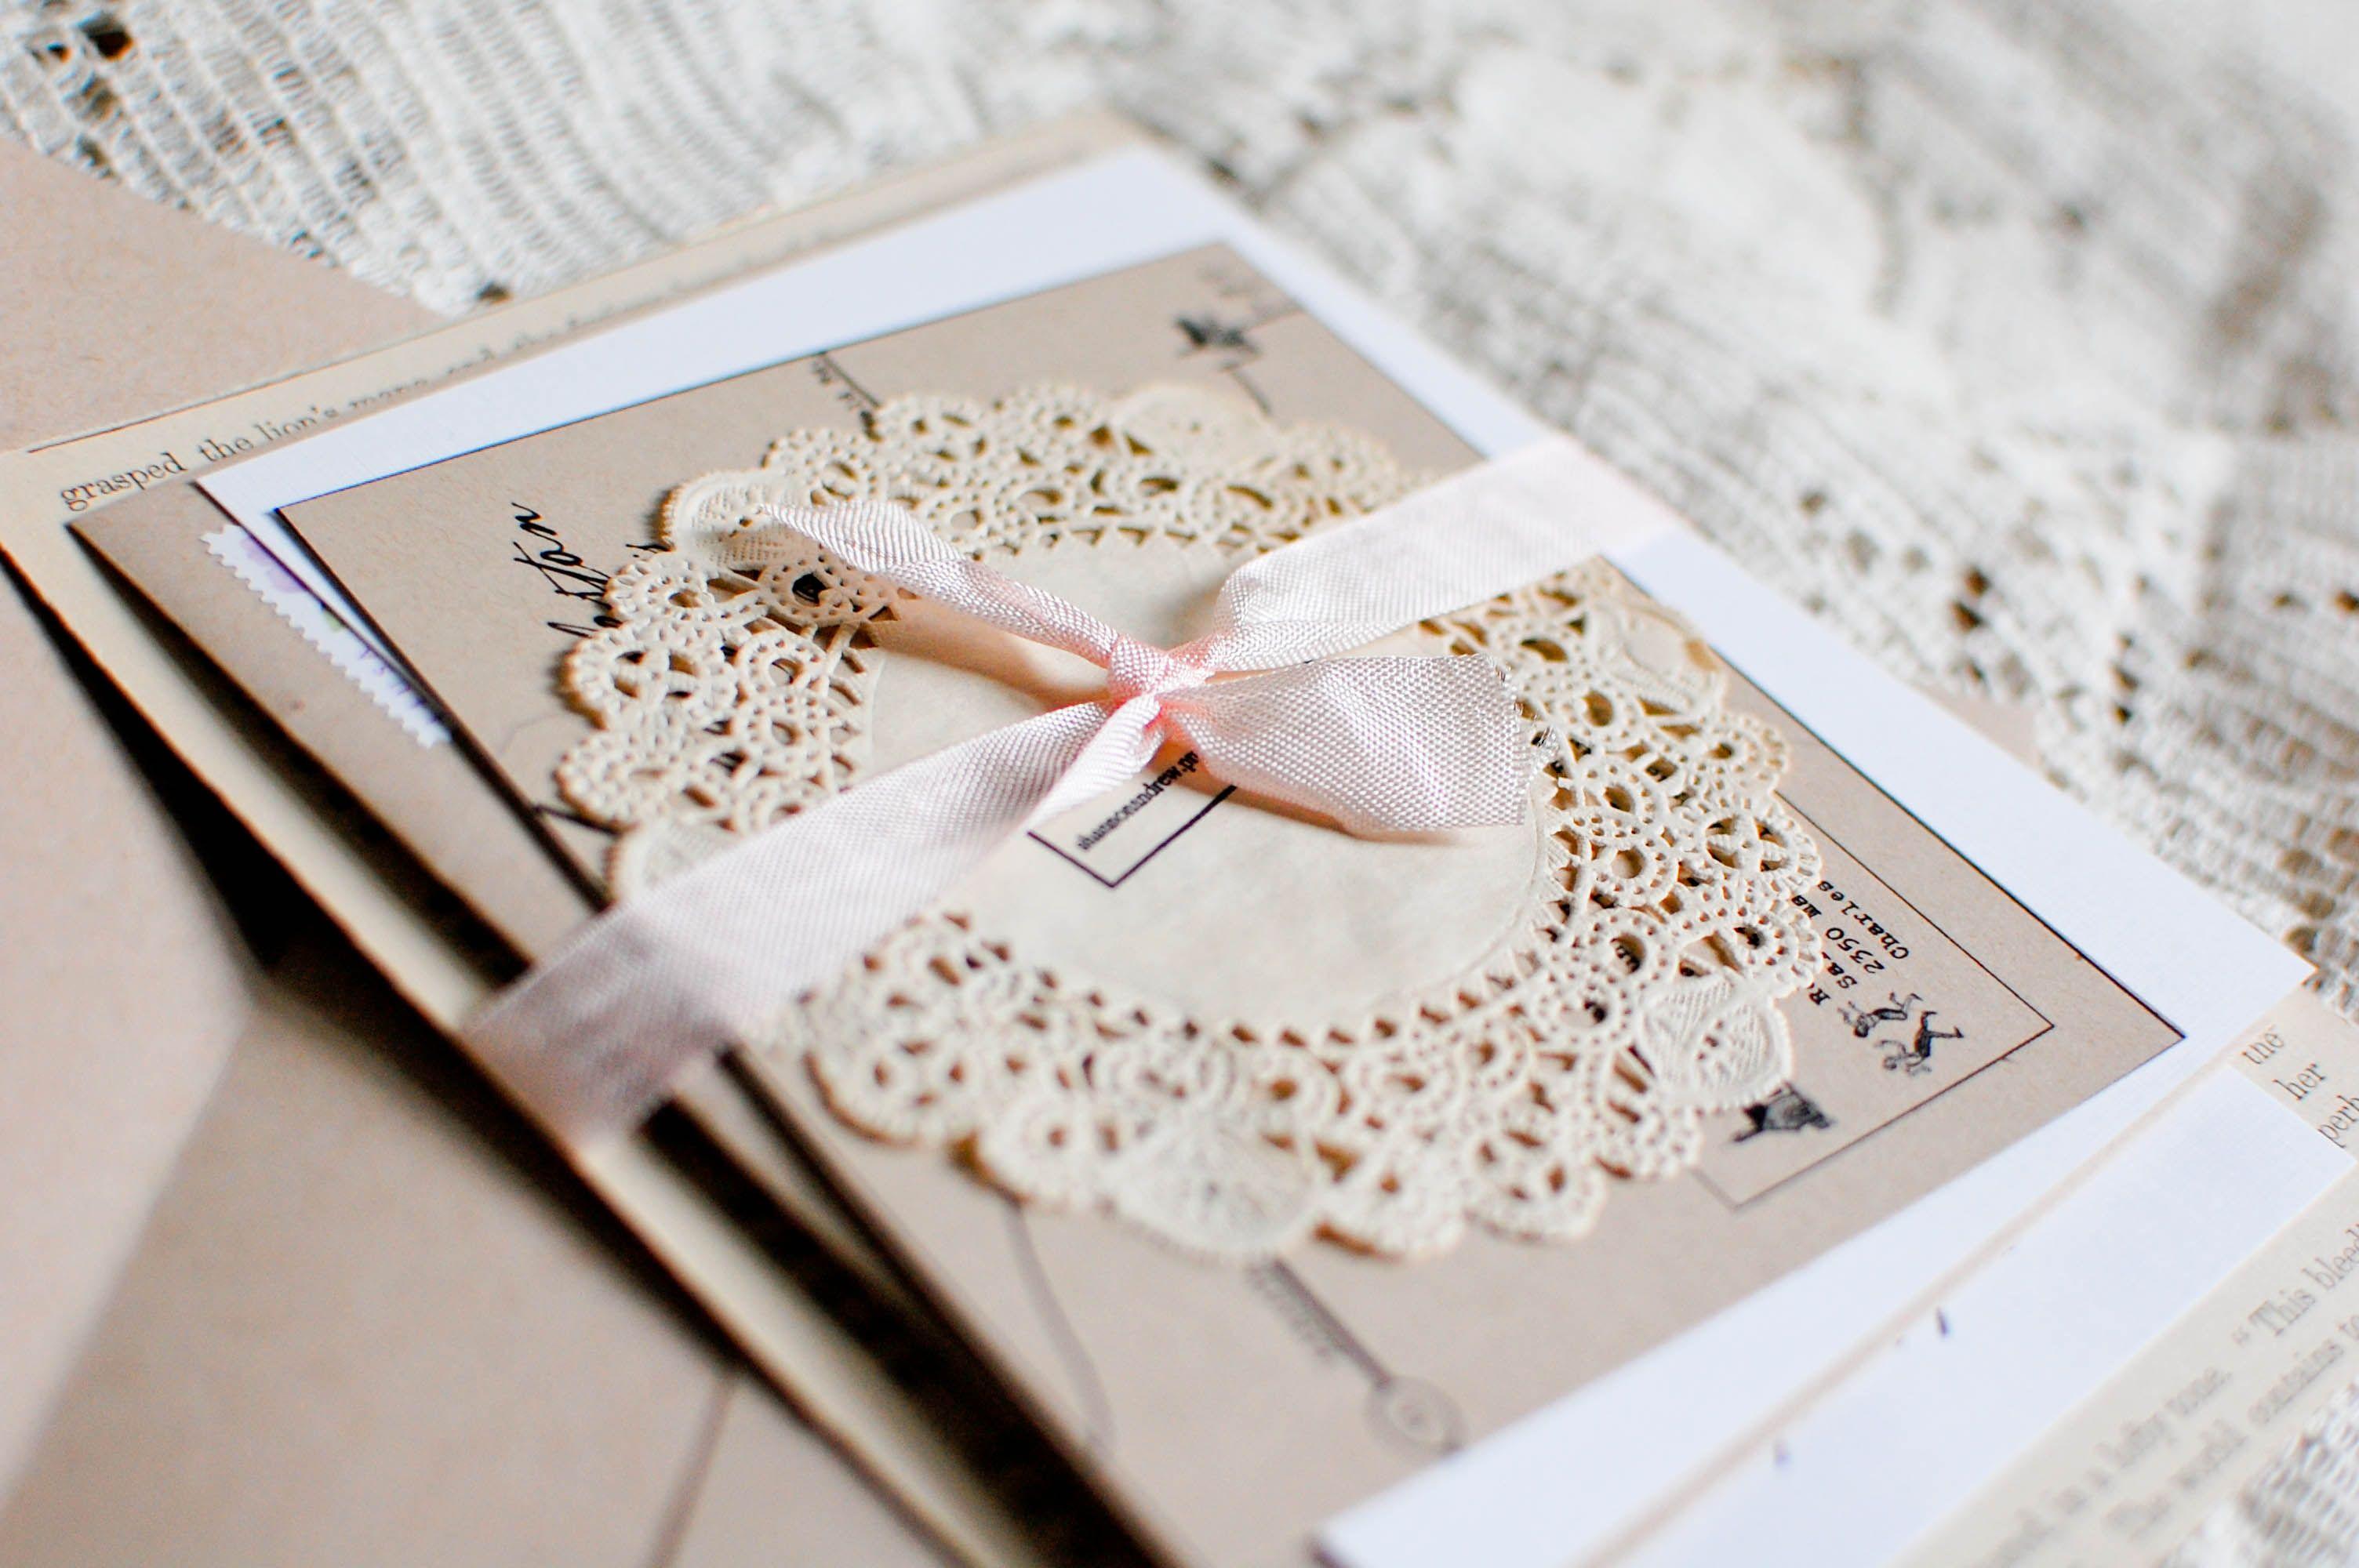 Details diy goods invitation invitations invites paper rustic